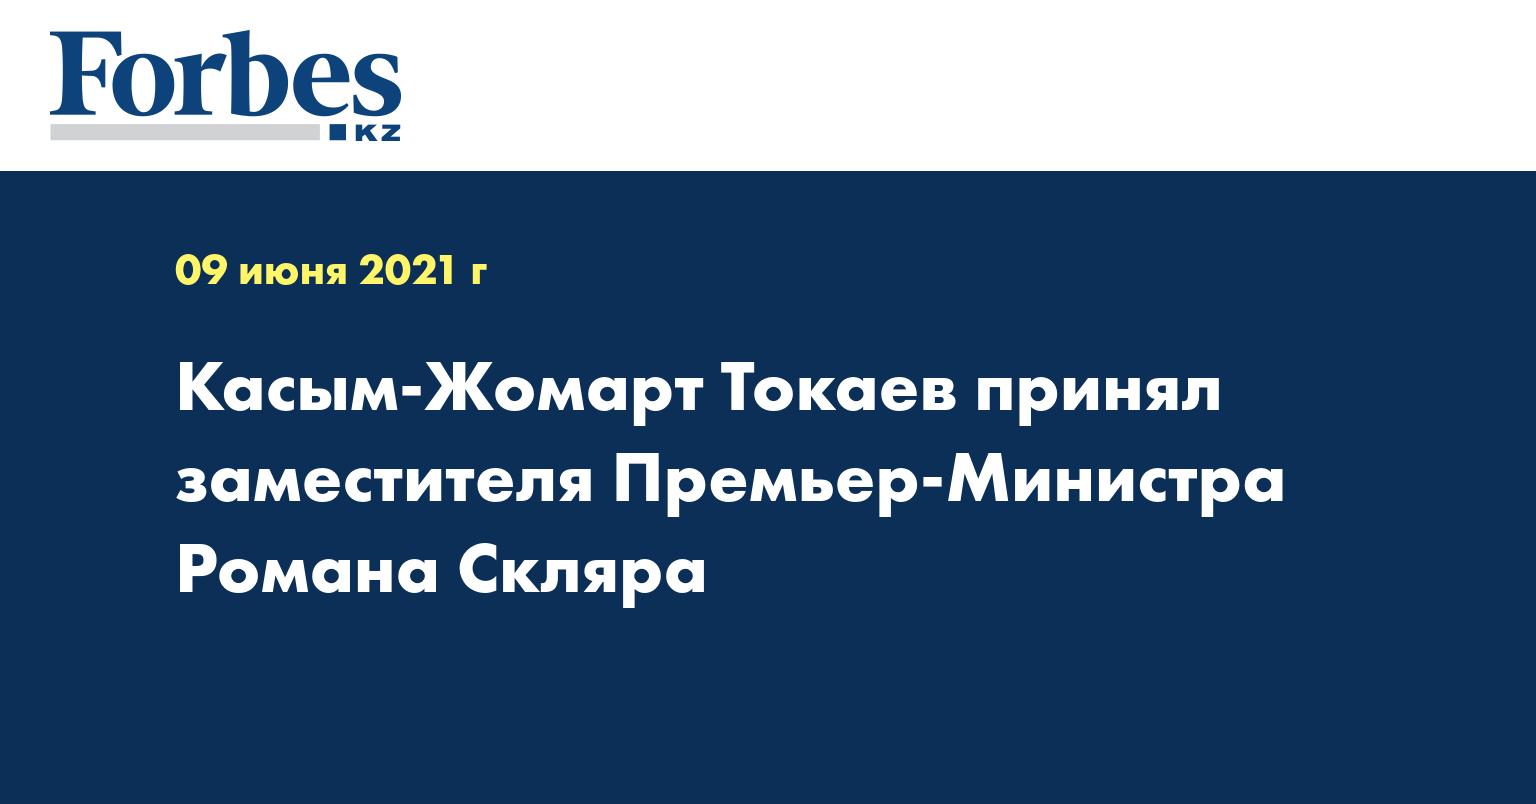 Касым-Жомарт Токаев принял заместителя Премьер-Министра Романа Скляра